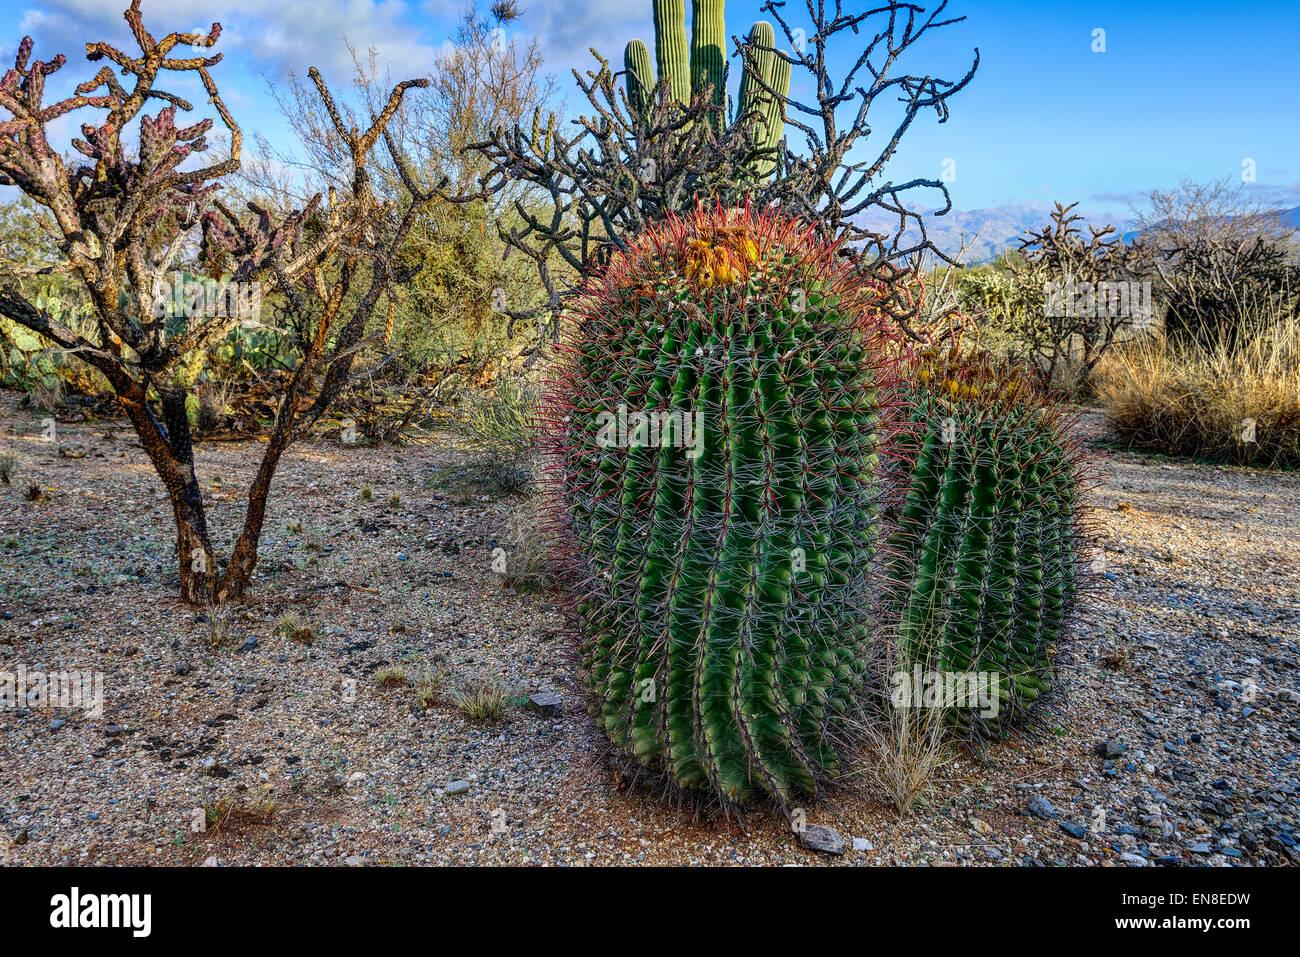 fishhook barrel cactus, saguaro national park, az - Stock Image